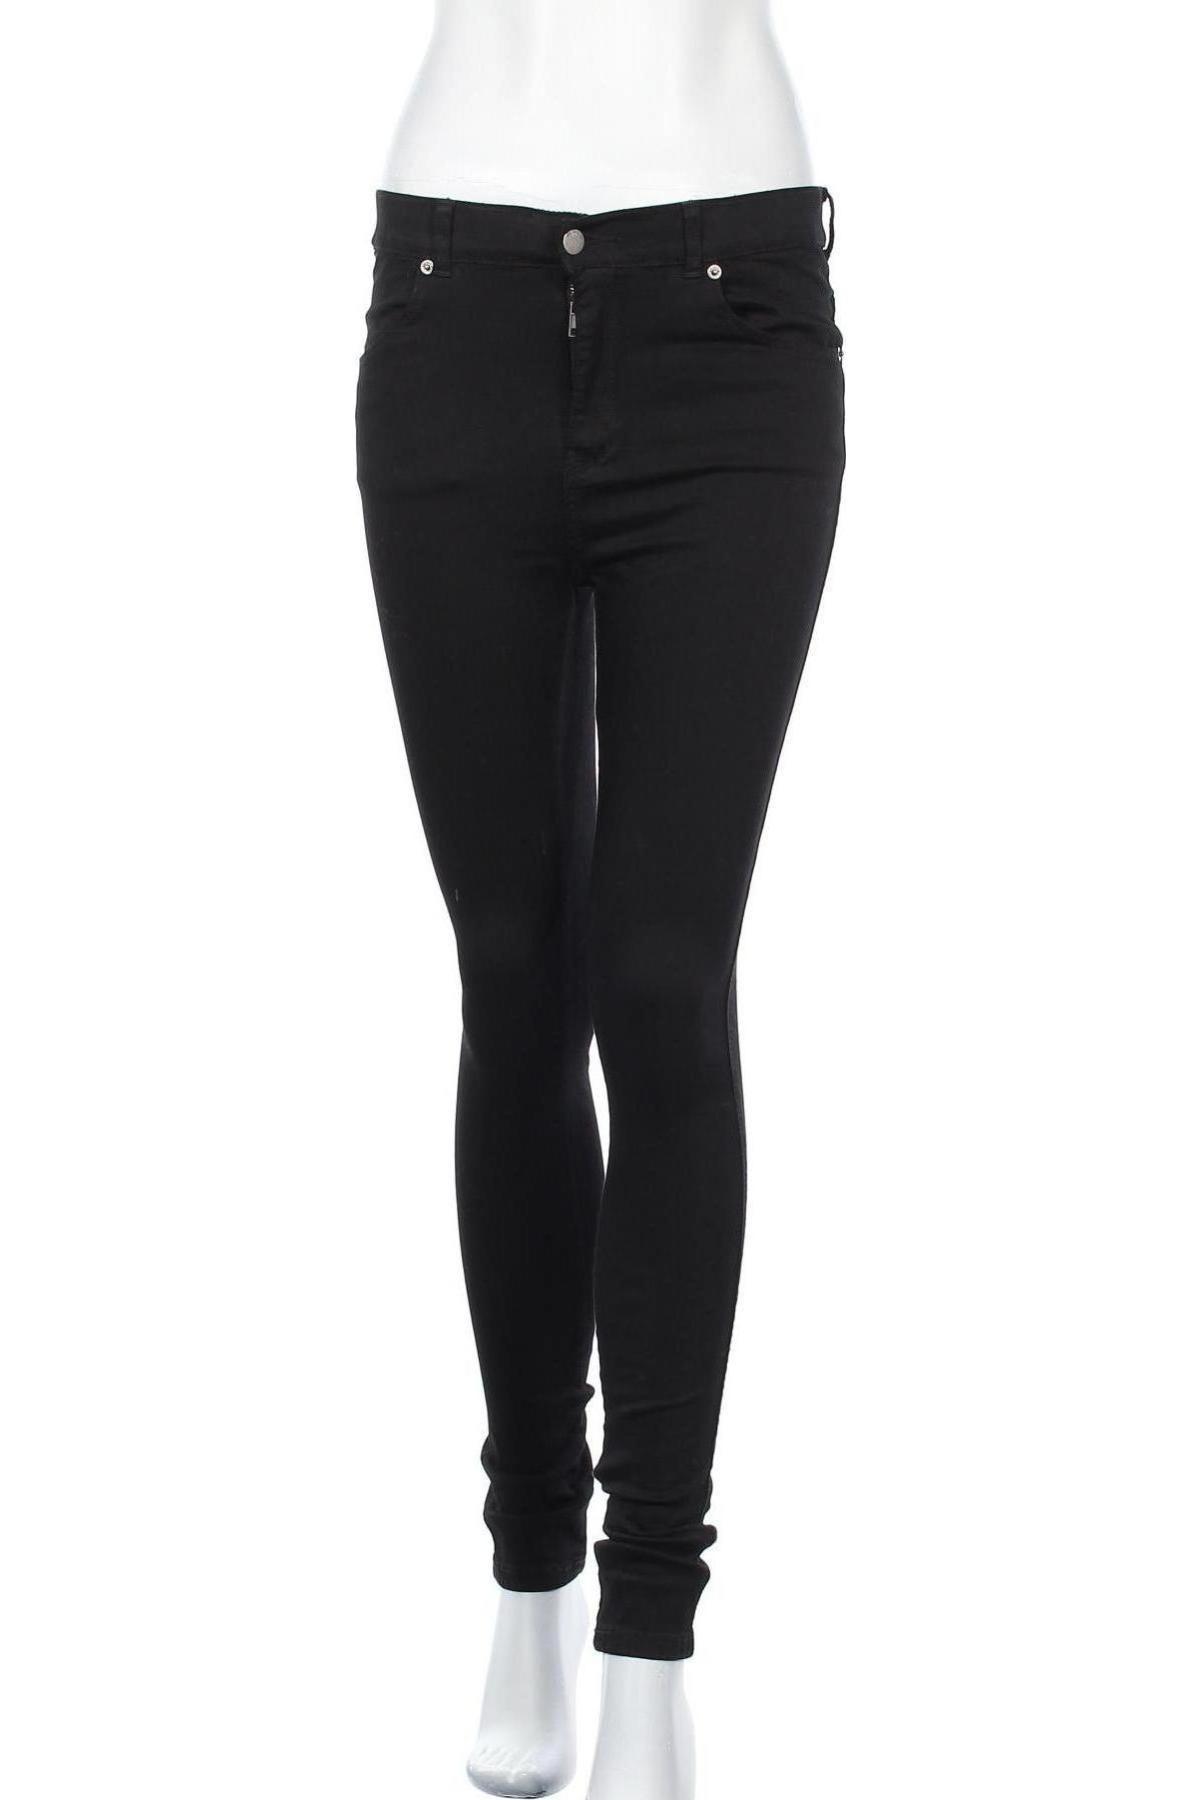 Γυναικείο Τζίν Dr. Denim, Μέγεθος M, Χρώμα Μαύρο, 95% βαμβάκι, 5% ελαστάνη, Τιμή 11,57€